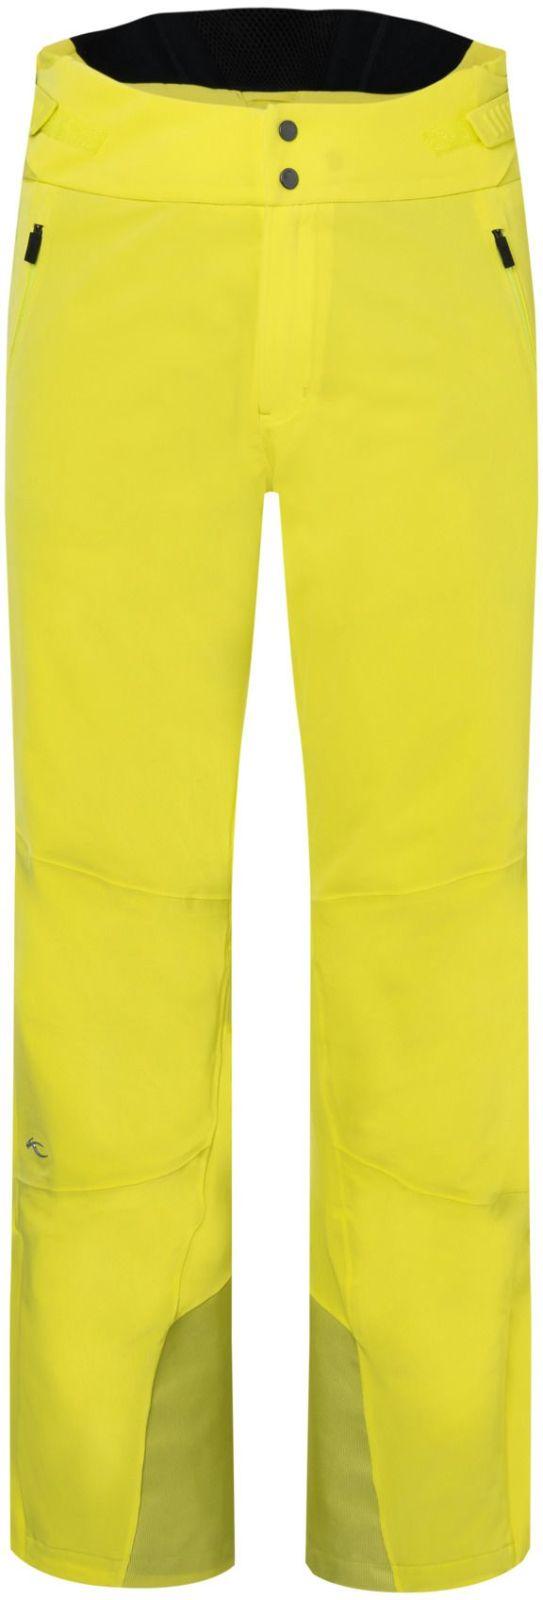 Kjus Men Formula Pro Pants - citric yellow S